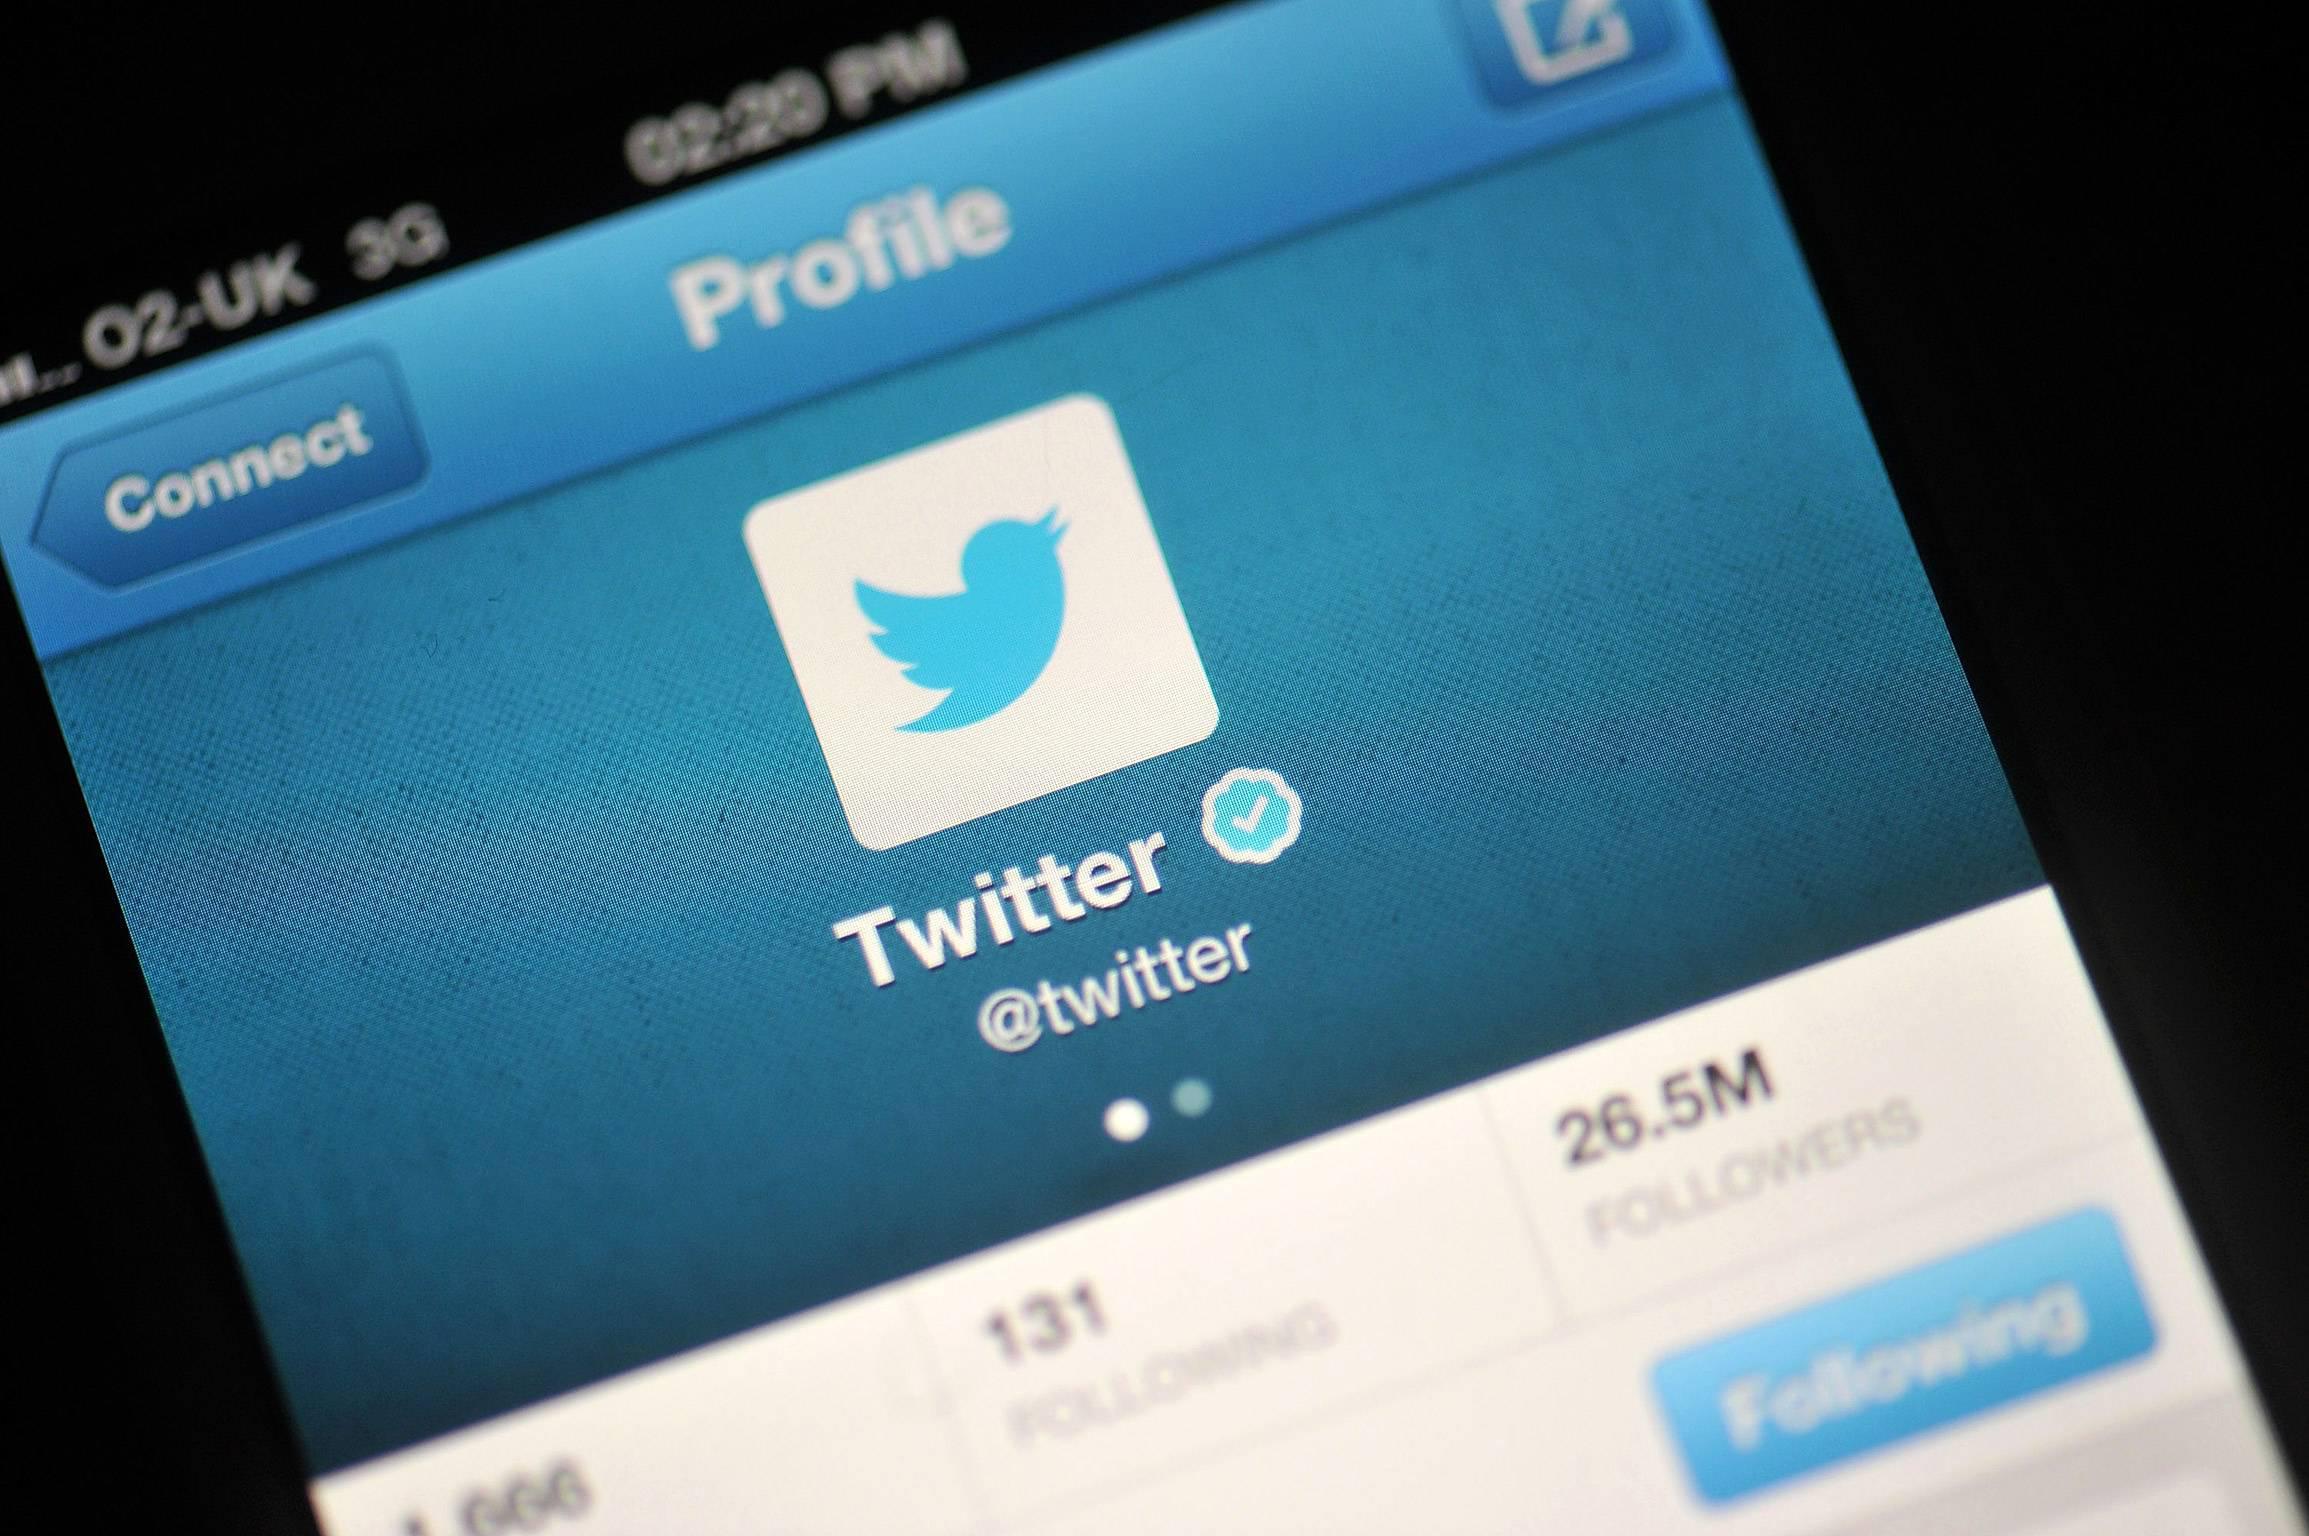 Το Twitter θα παραδώσει τον επίσημο προεδρικό λογαριασμό στον Τζο Μπάιντεν στις 20 Ιανουαρίου